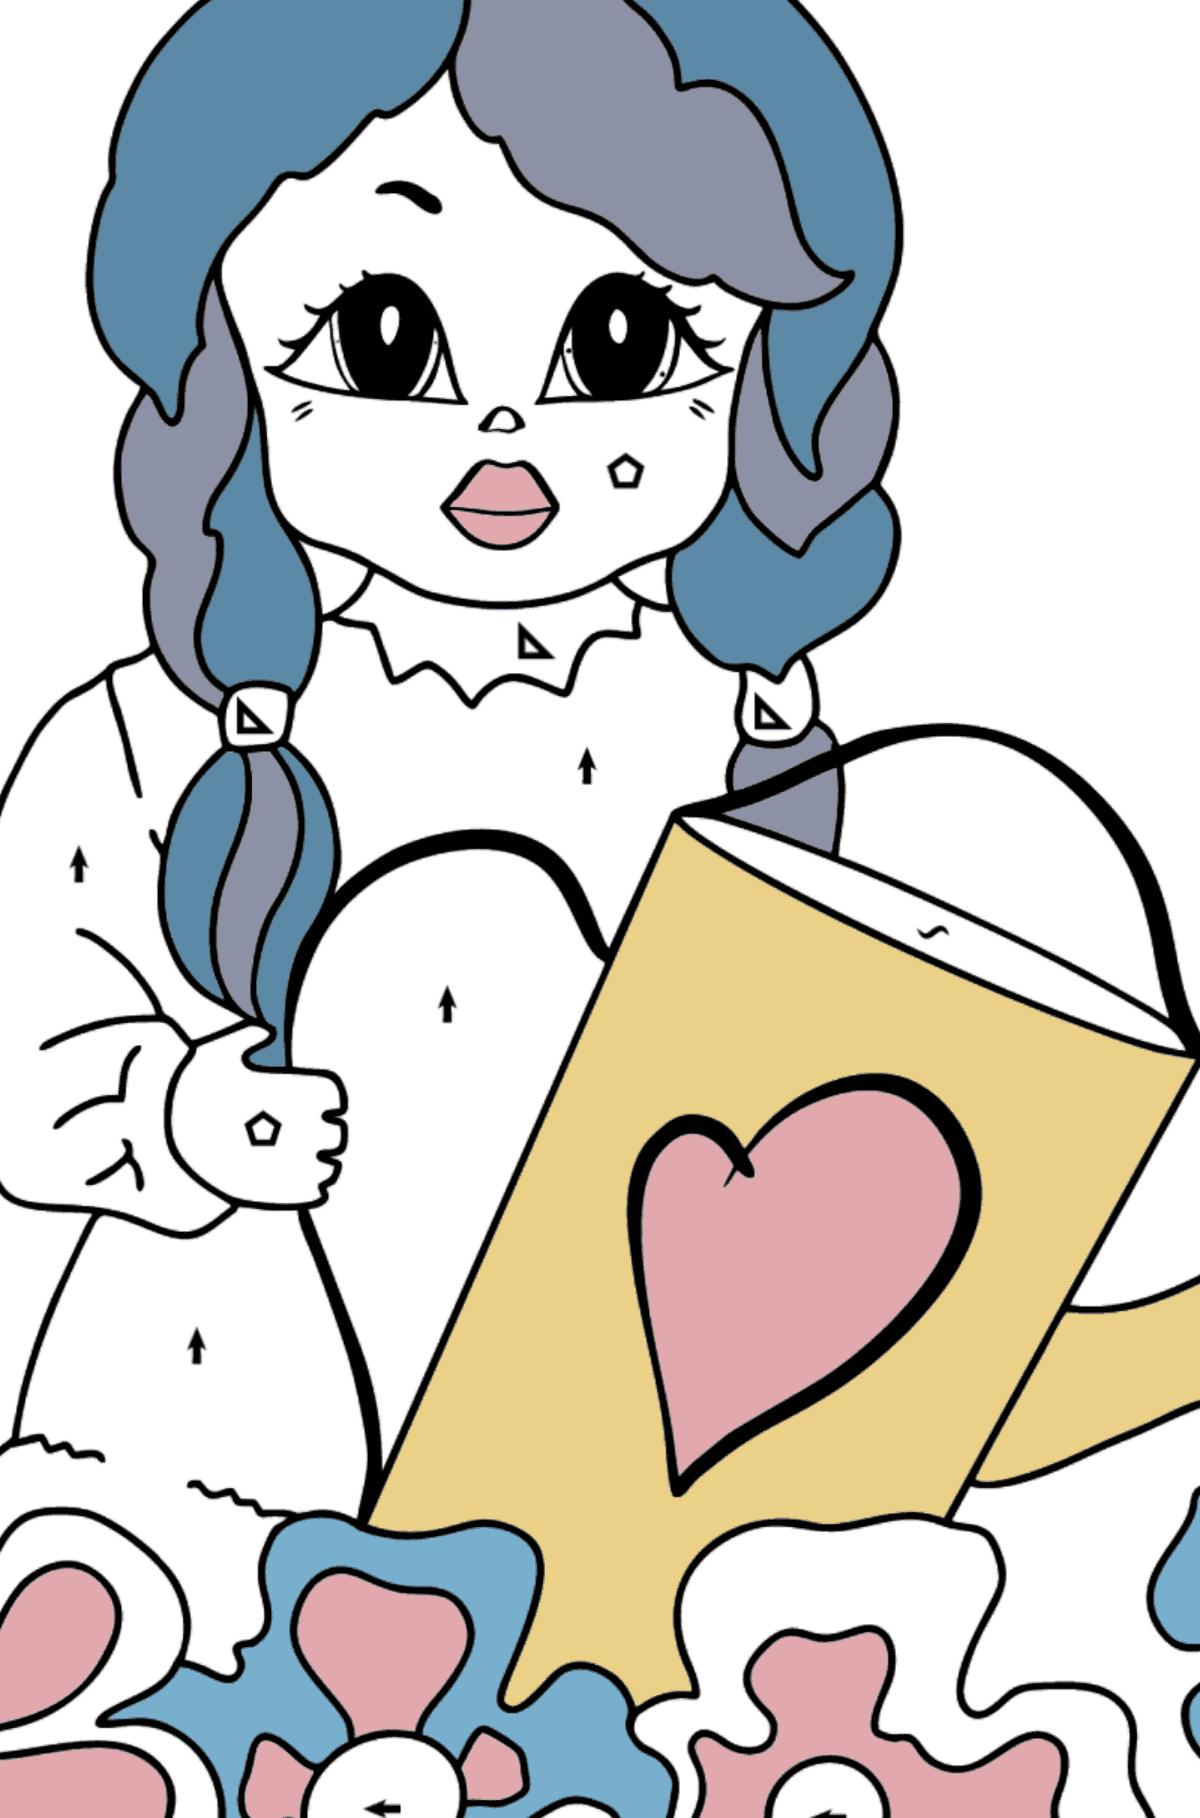 Раскраска Принцесса с Лейкой Для Девочек - Раскраска по Символам и Геометрическим Фигурам для Детей